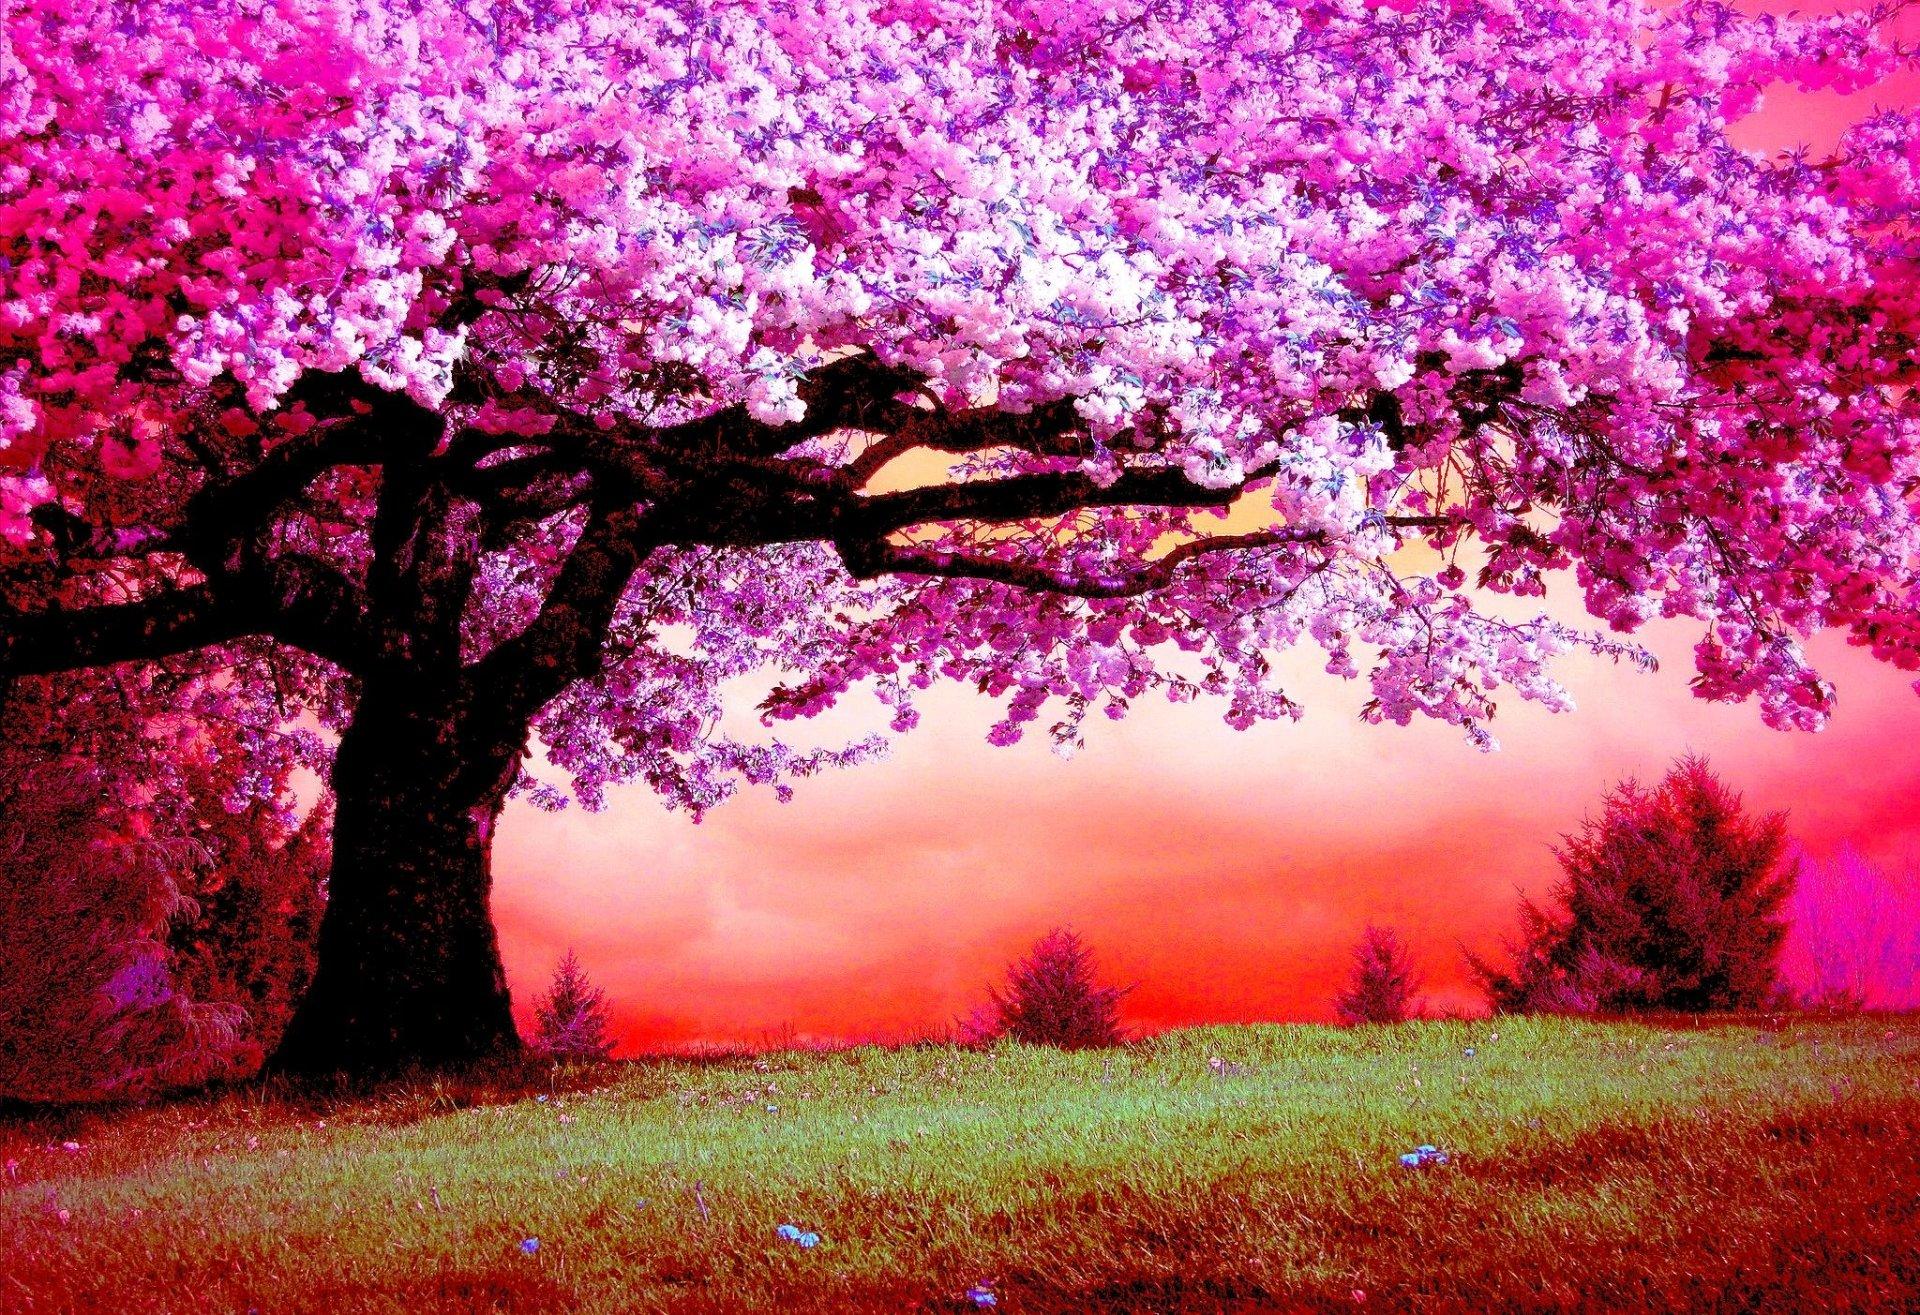 Beautiful Colorful Girls Anime Sakura Wallpaper Pink Trees Hd Wallpaper Background Image 2048x1403